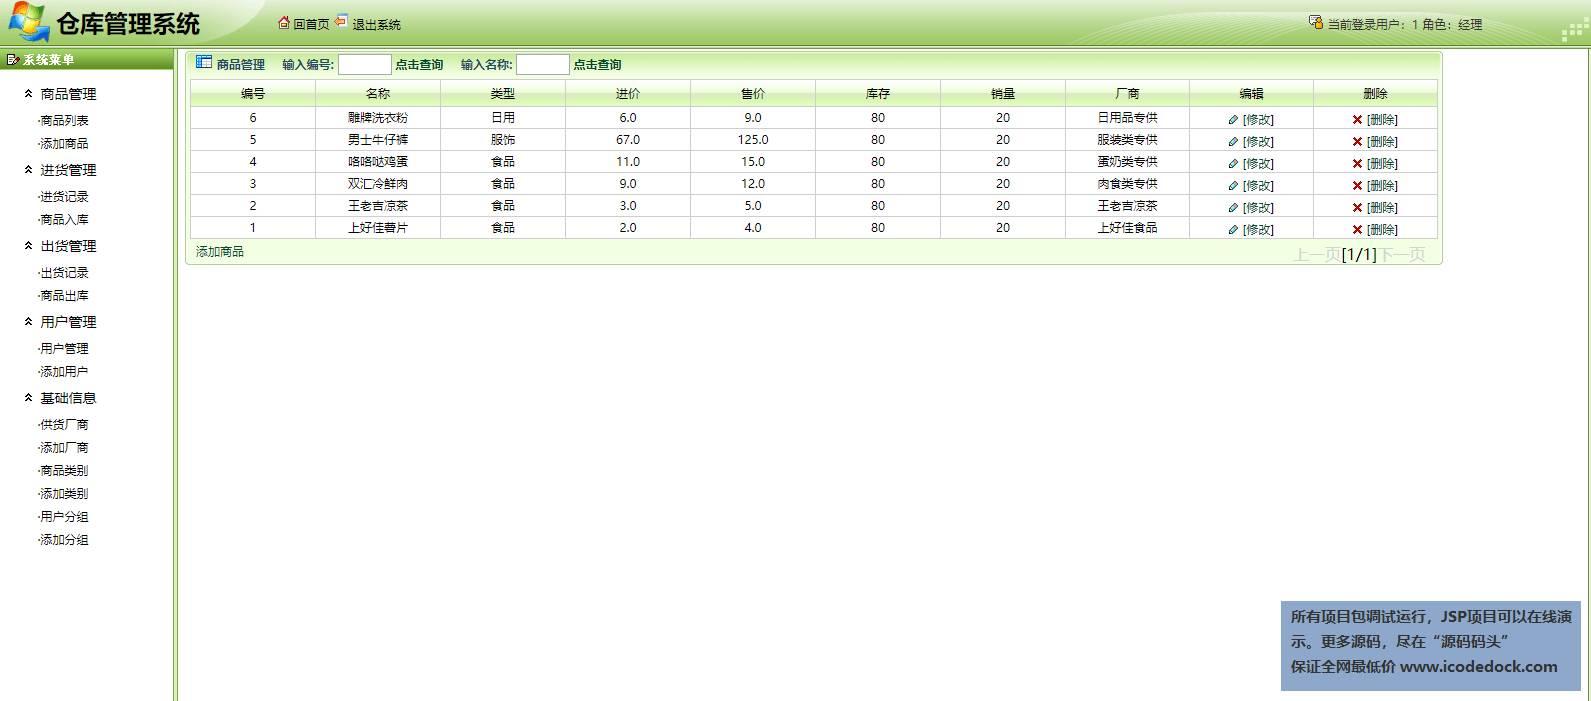 源码码头-SSH仓库管理系统-管理员角色-商品管理